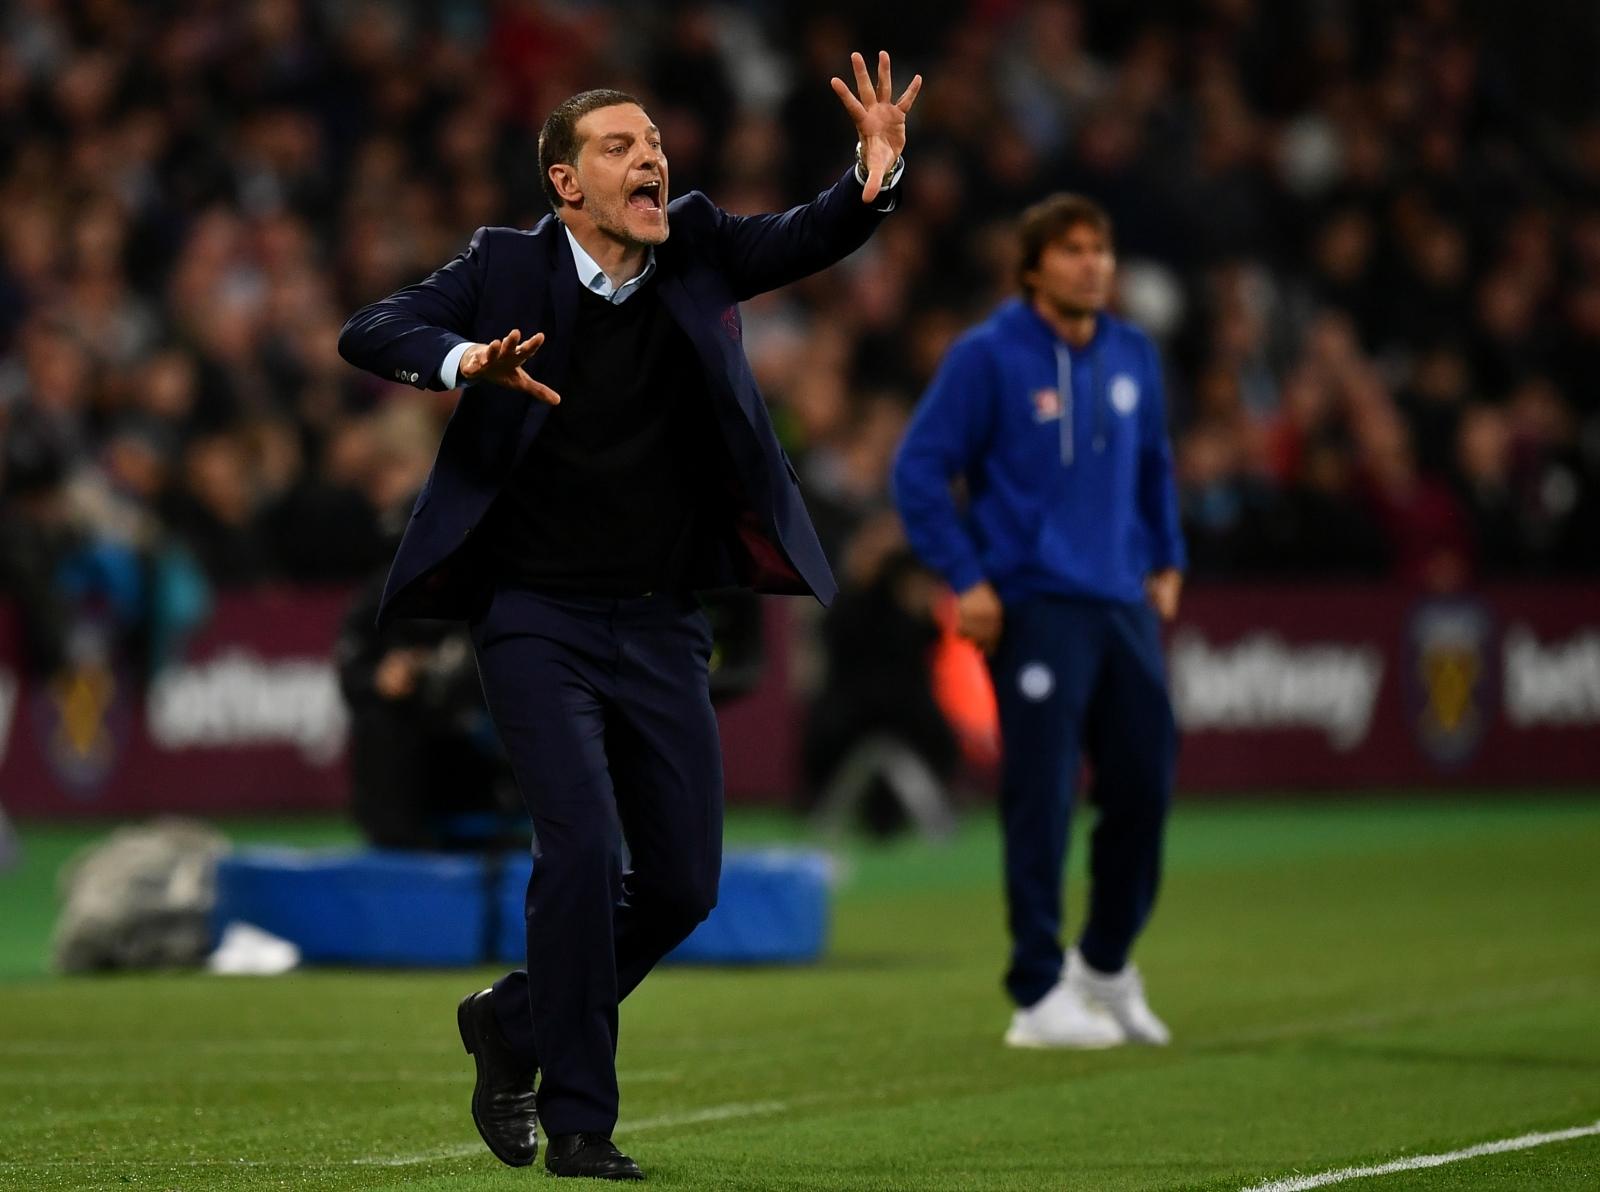 Slaven Bilic screams at his players